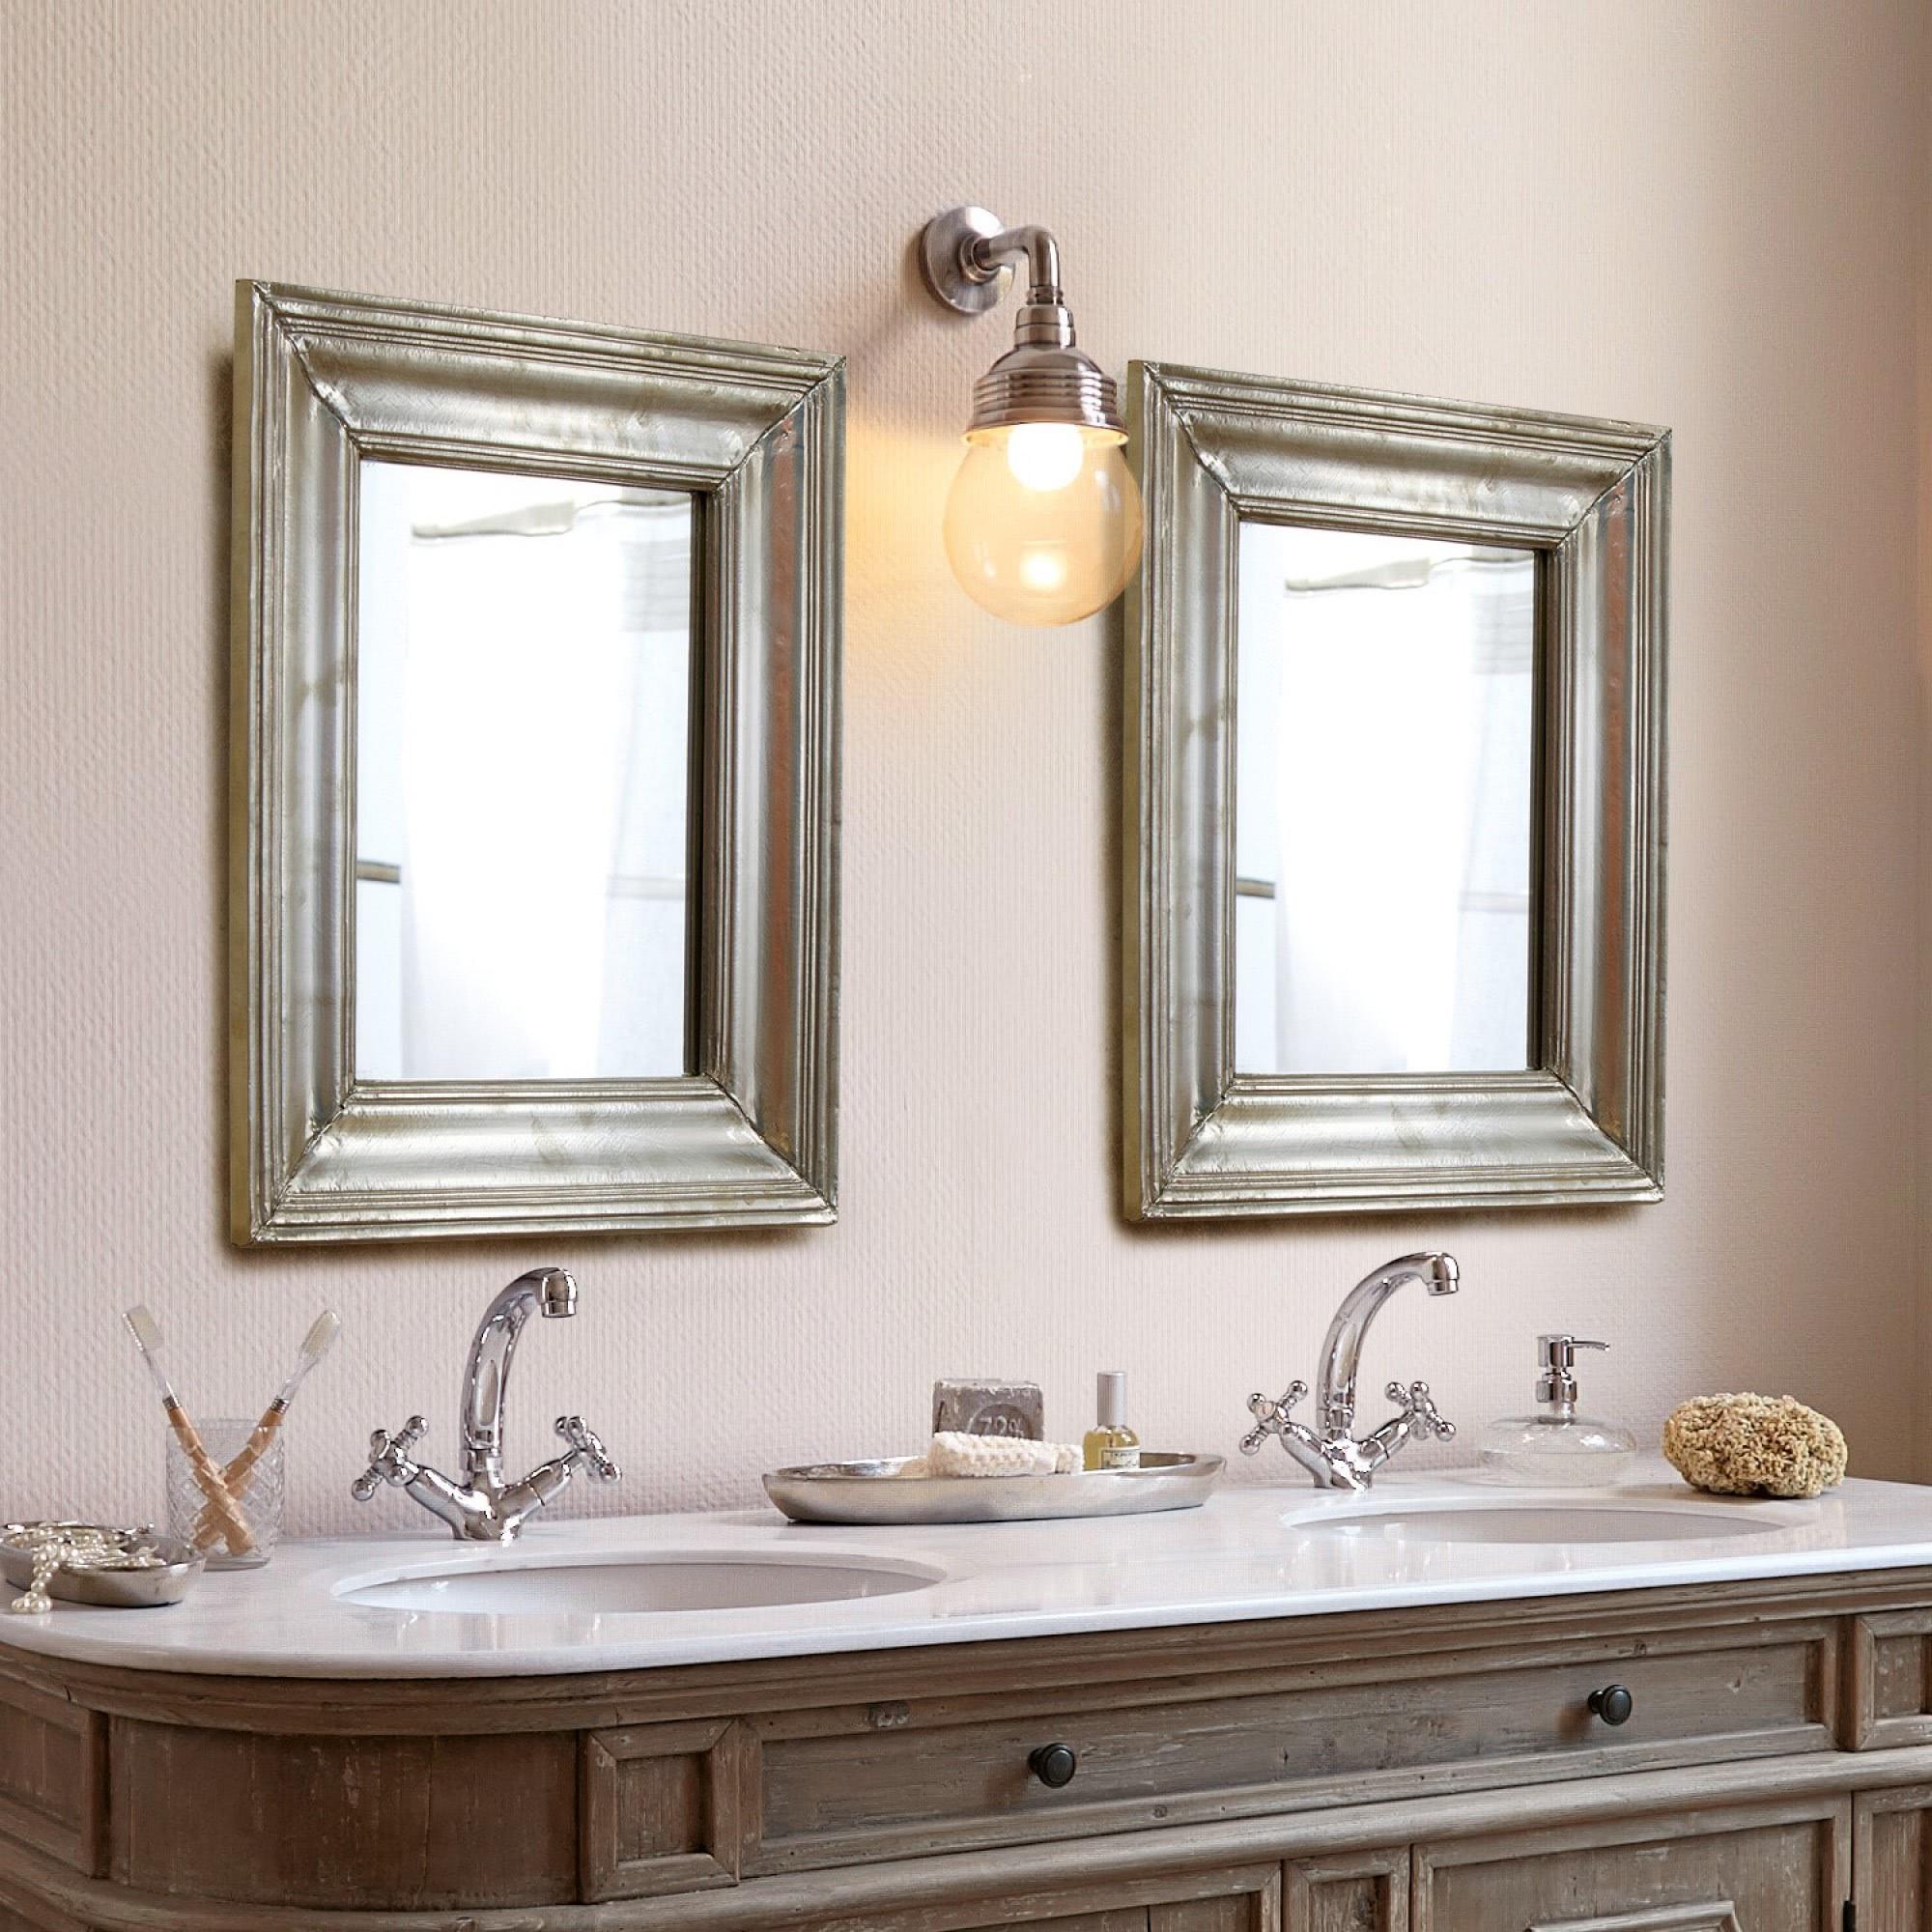 spiegel sarcelles loberon coming home. Black Bedroom Furniture Sets. Home Design Ideas